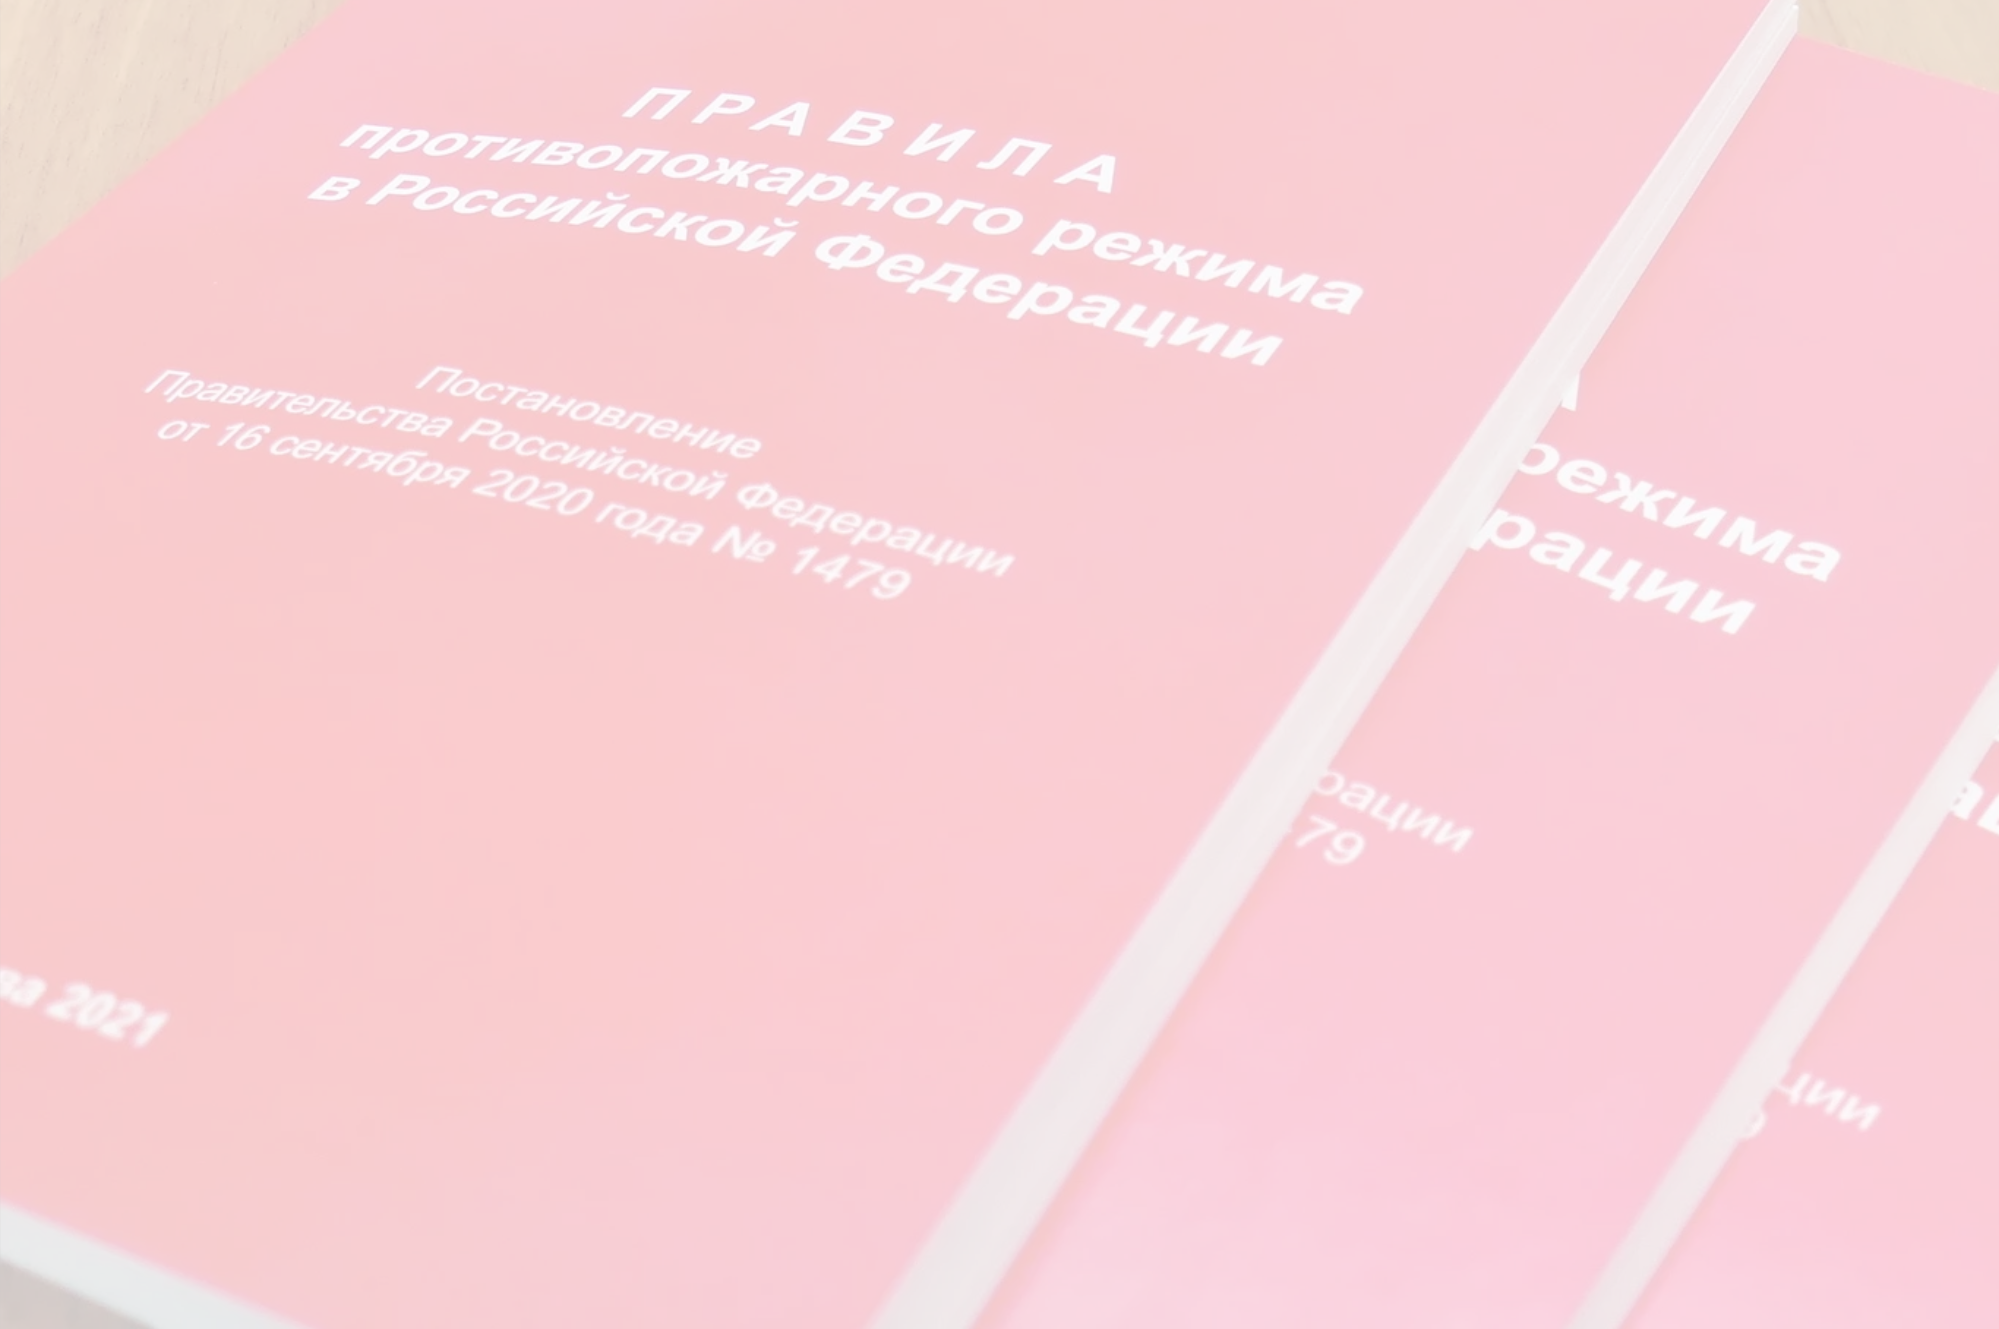 План проведения проверок на 2021 год, организаций и индивидуальных предпринимателей